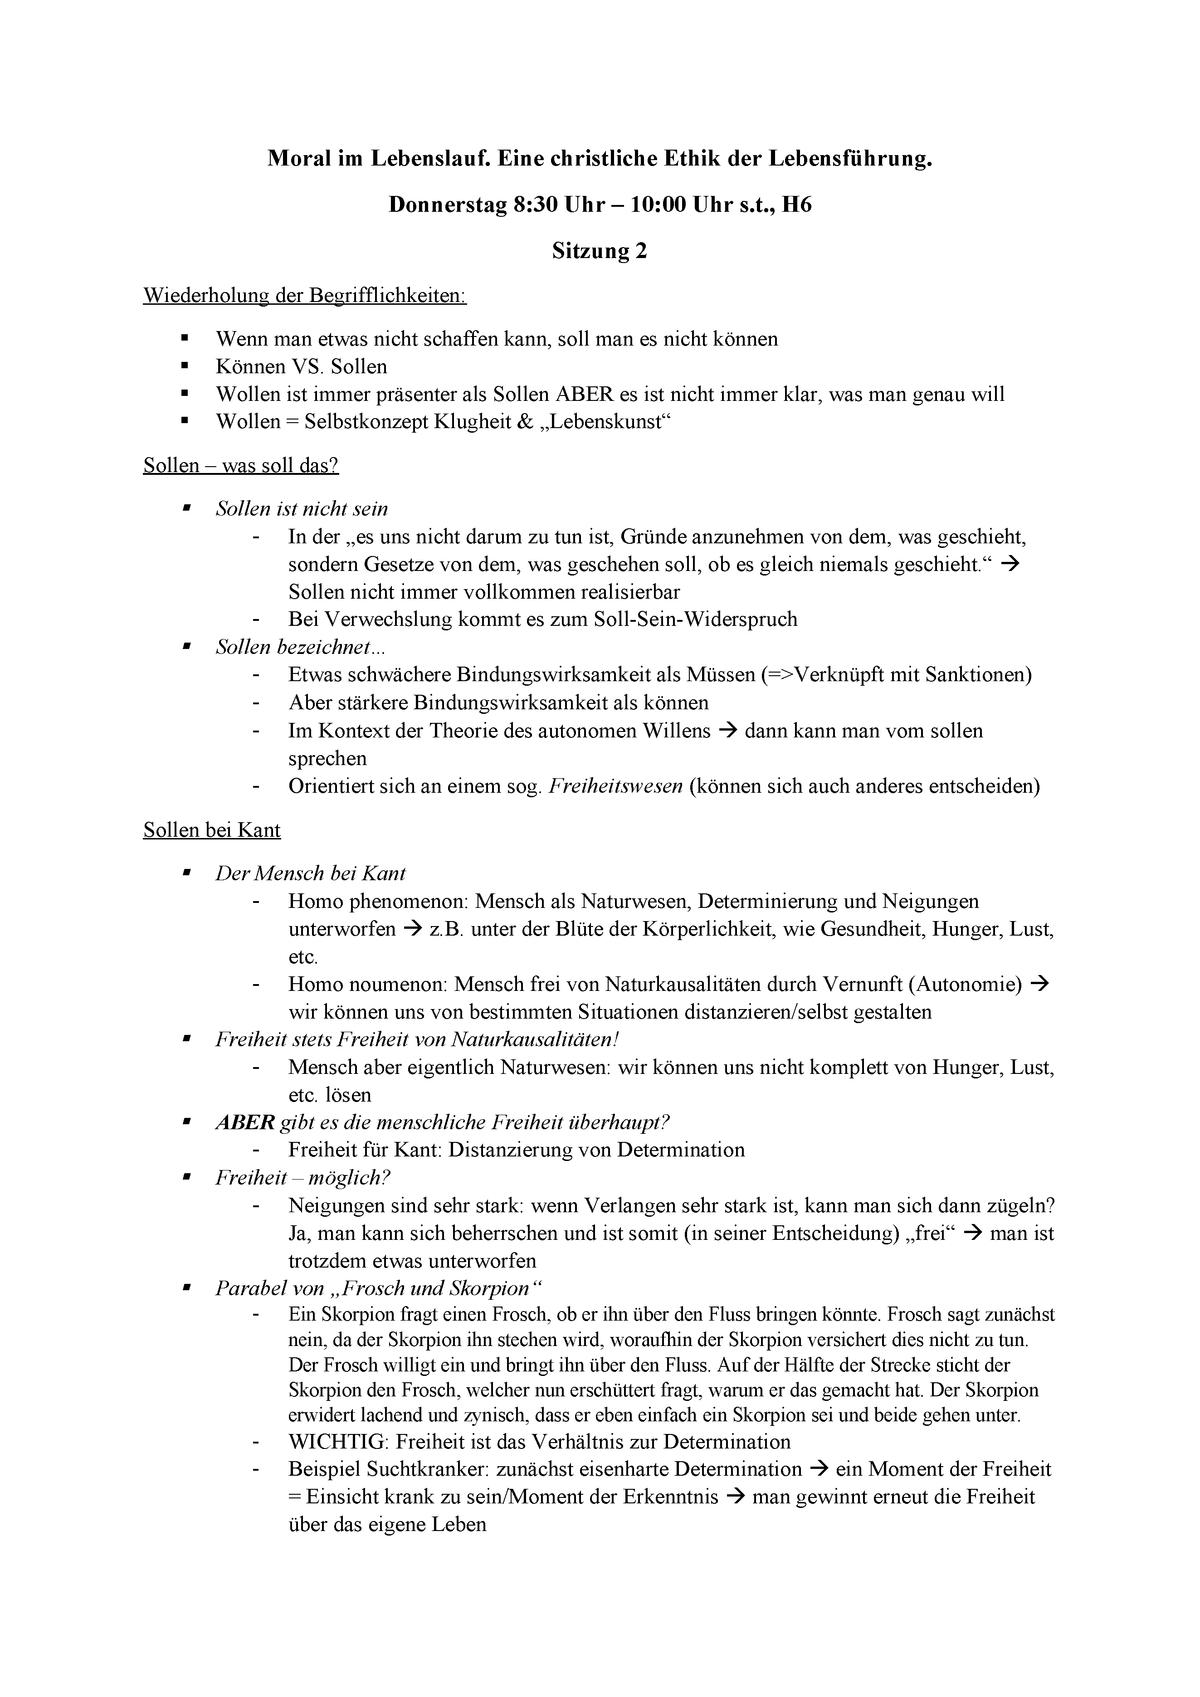 2 Vorlesung Moral Im Lebenslauf Studocu